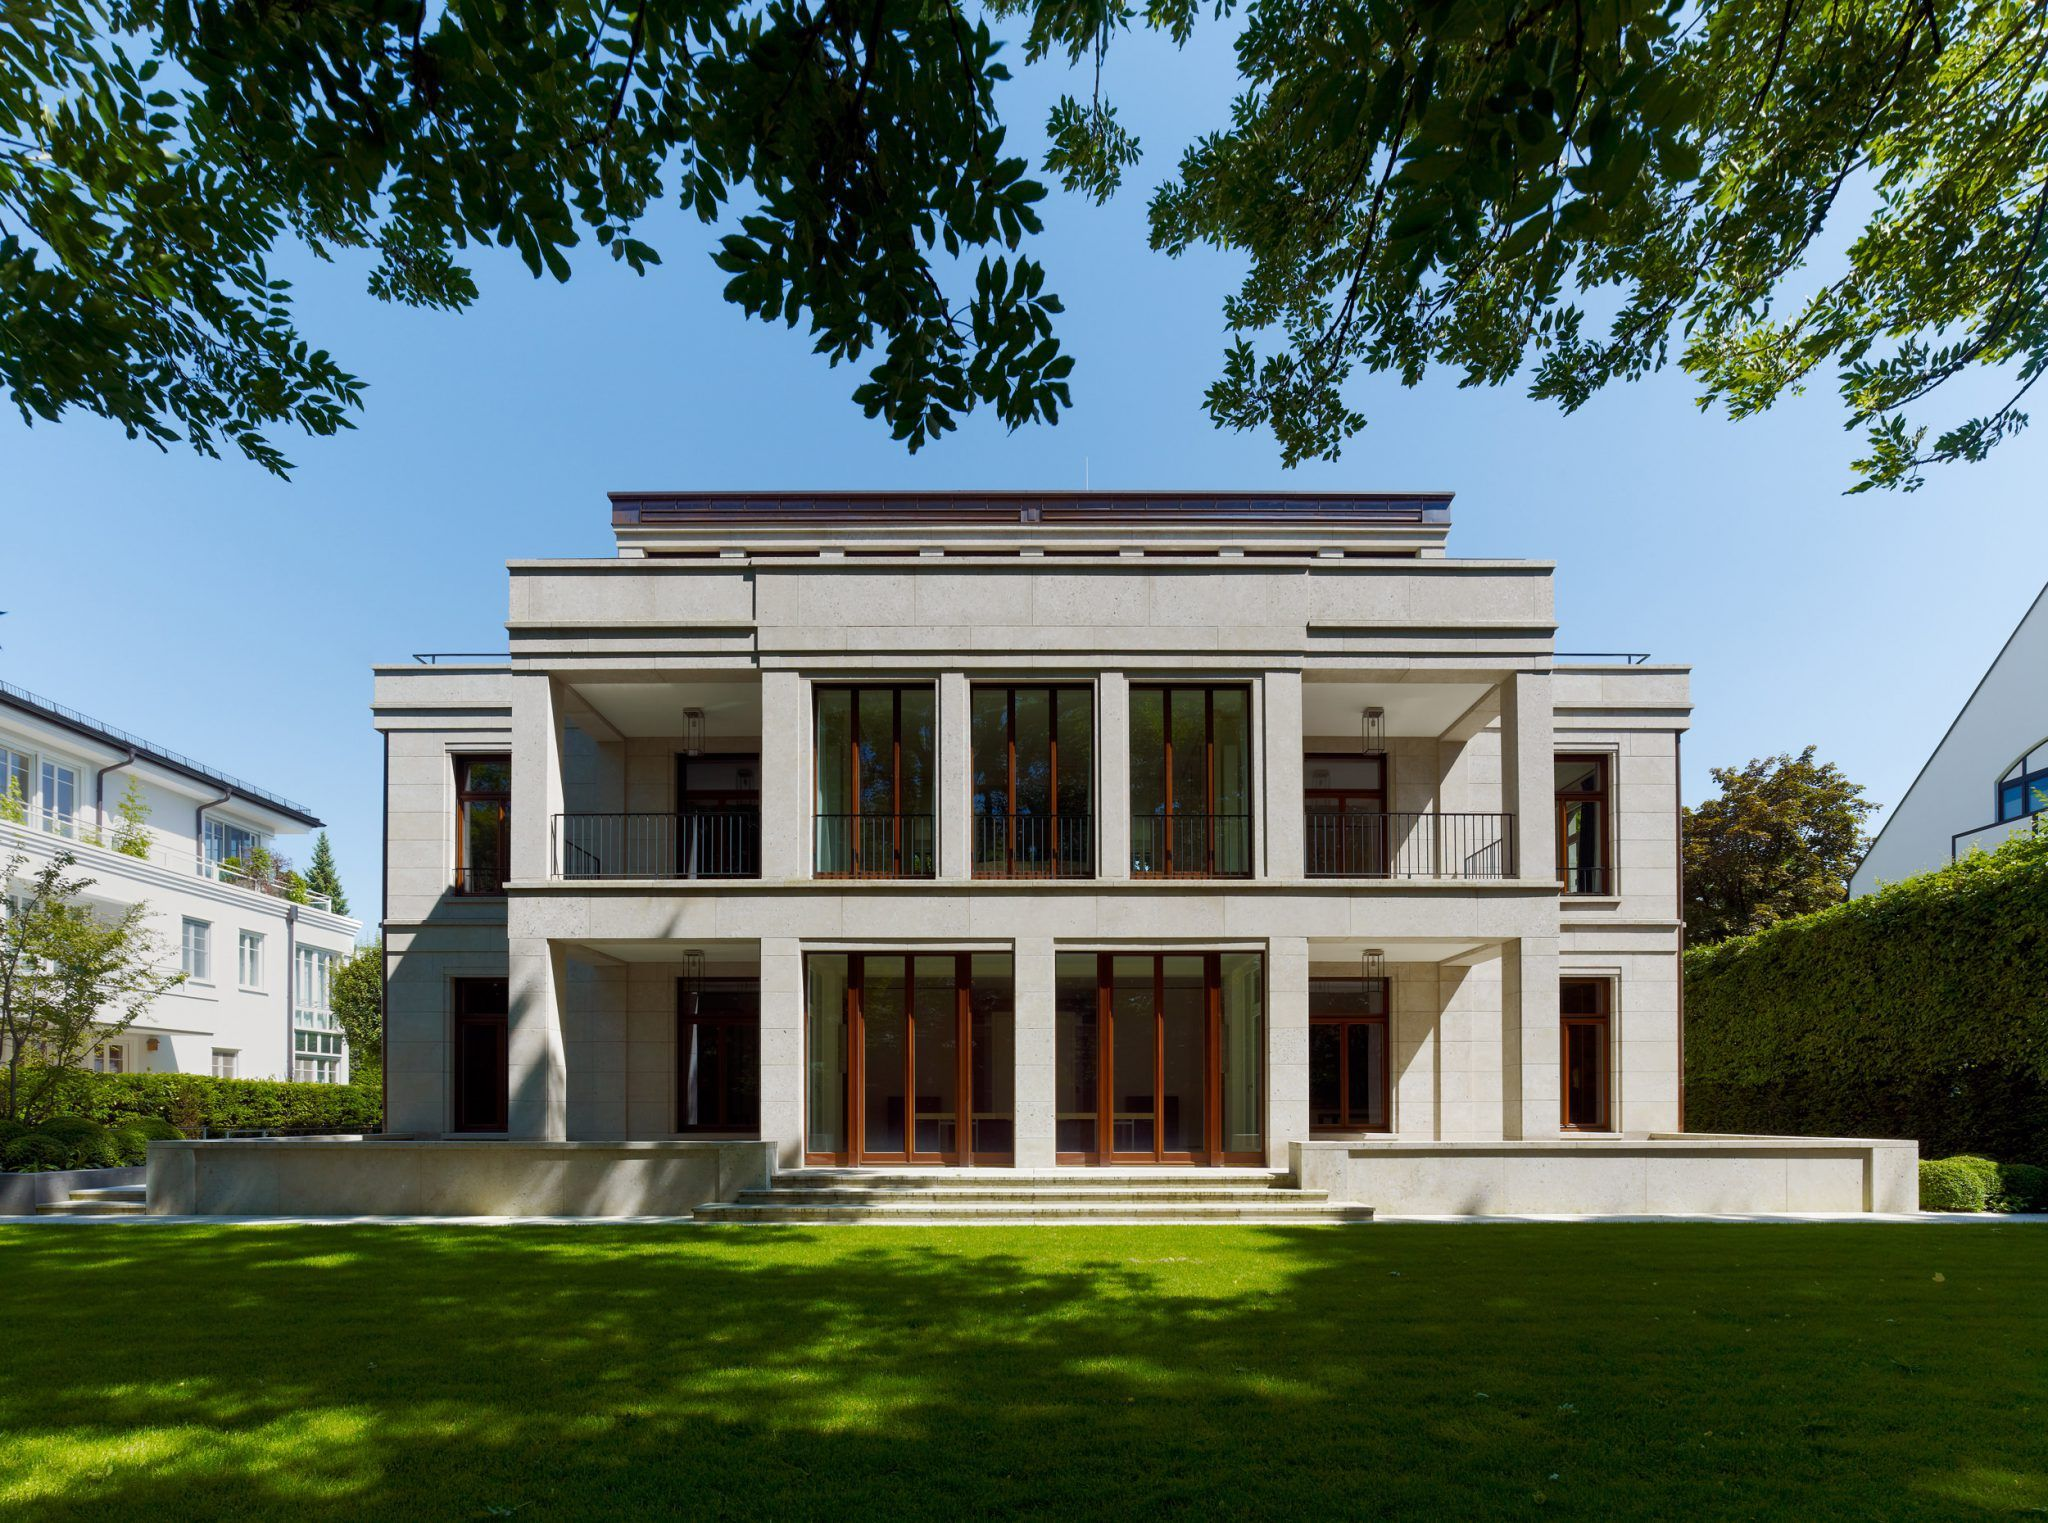 Haus r kahlfeldt architekten postmodern pinterest Minimalistisches haus grundriss